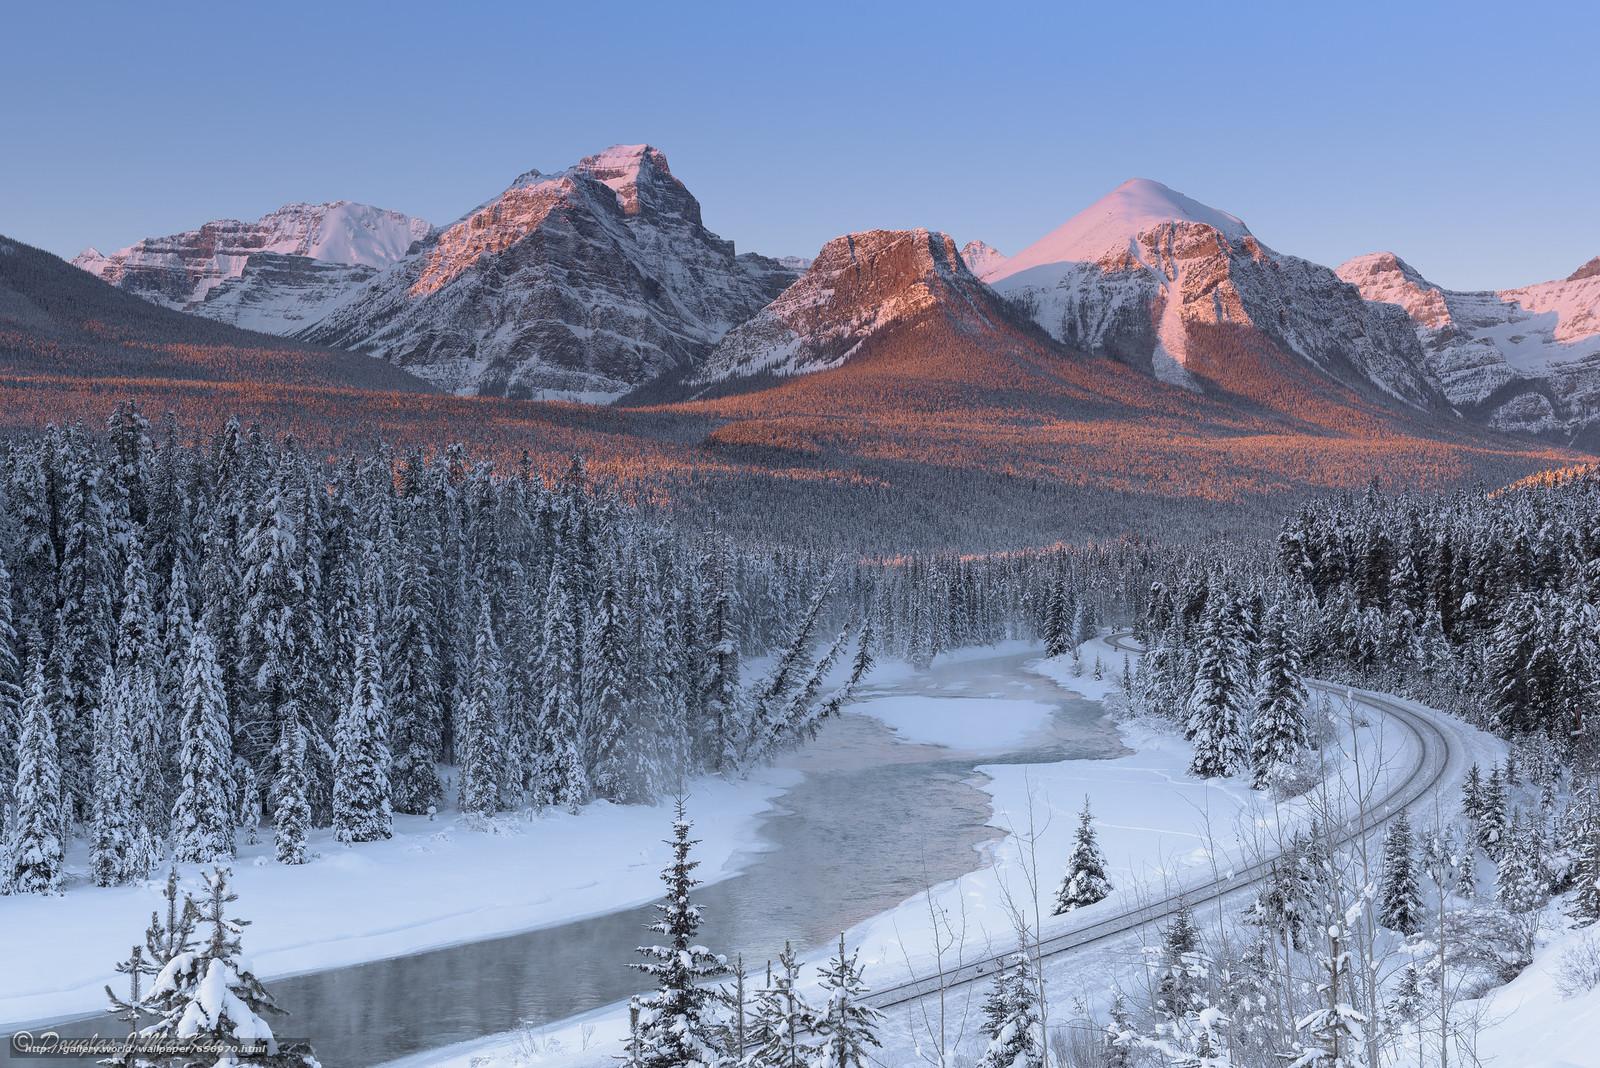 Скачать обои Bow River,  Canada,  горы,  река бесплатно для рабочего стола в разрешении 2048x1367 — картинка №656970